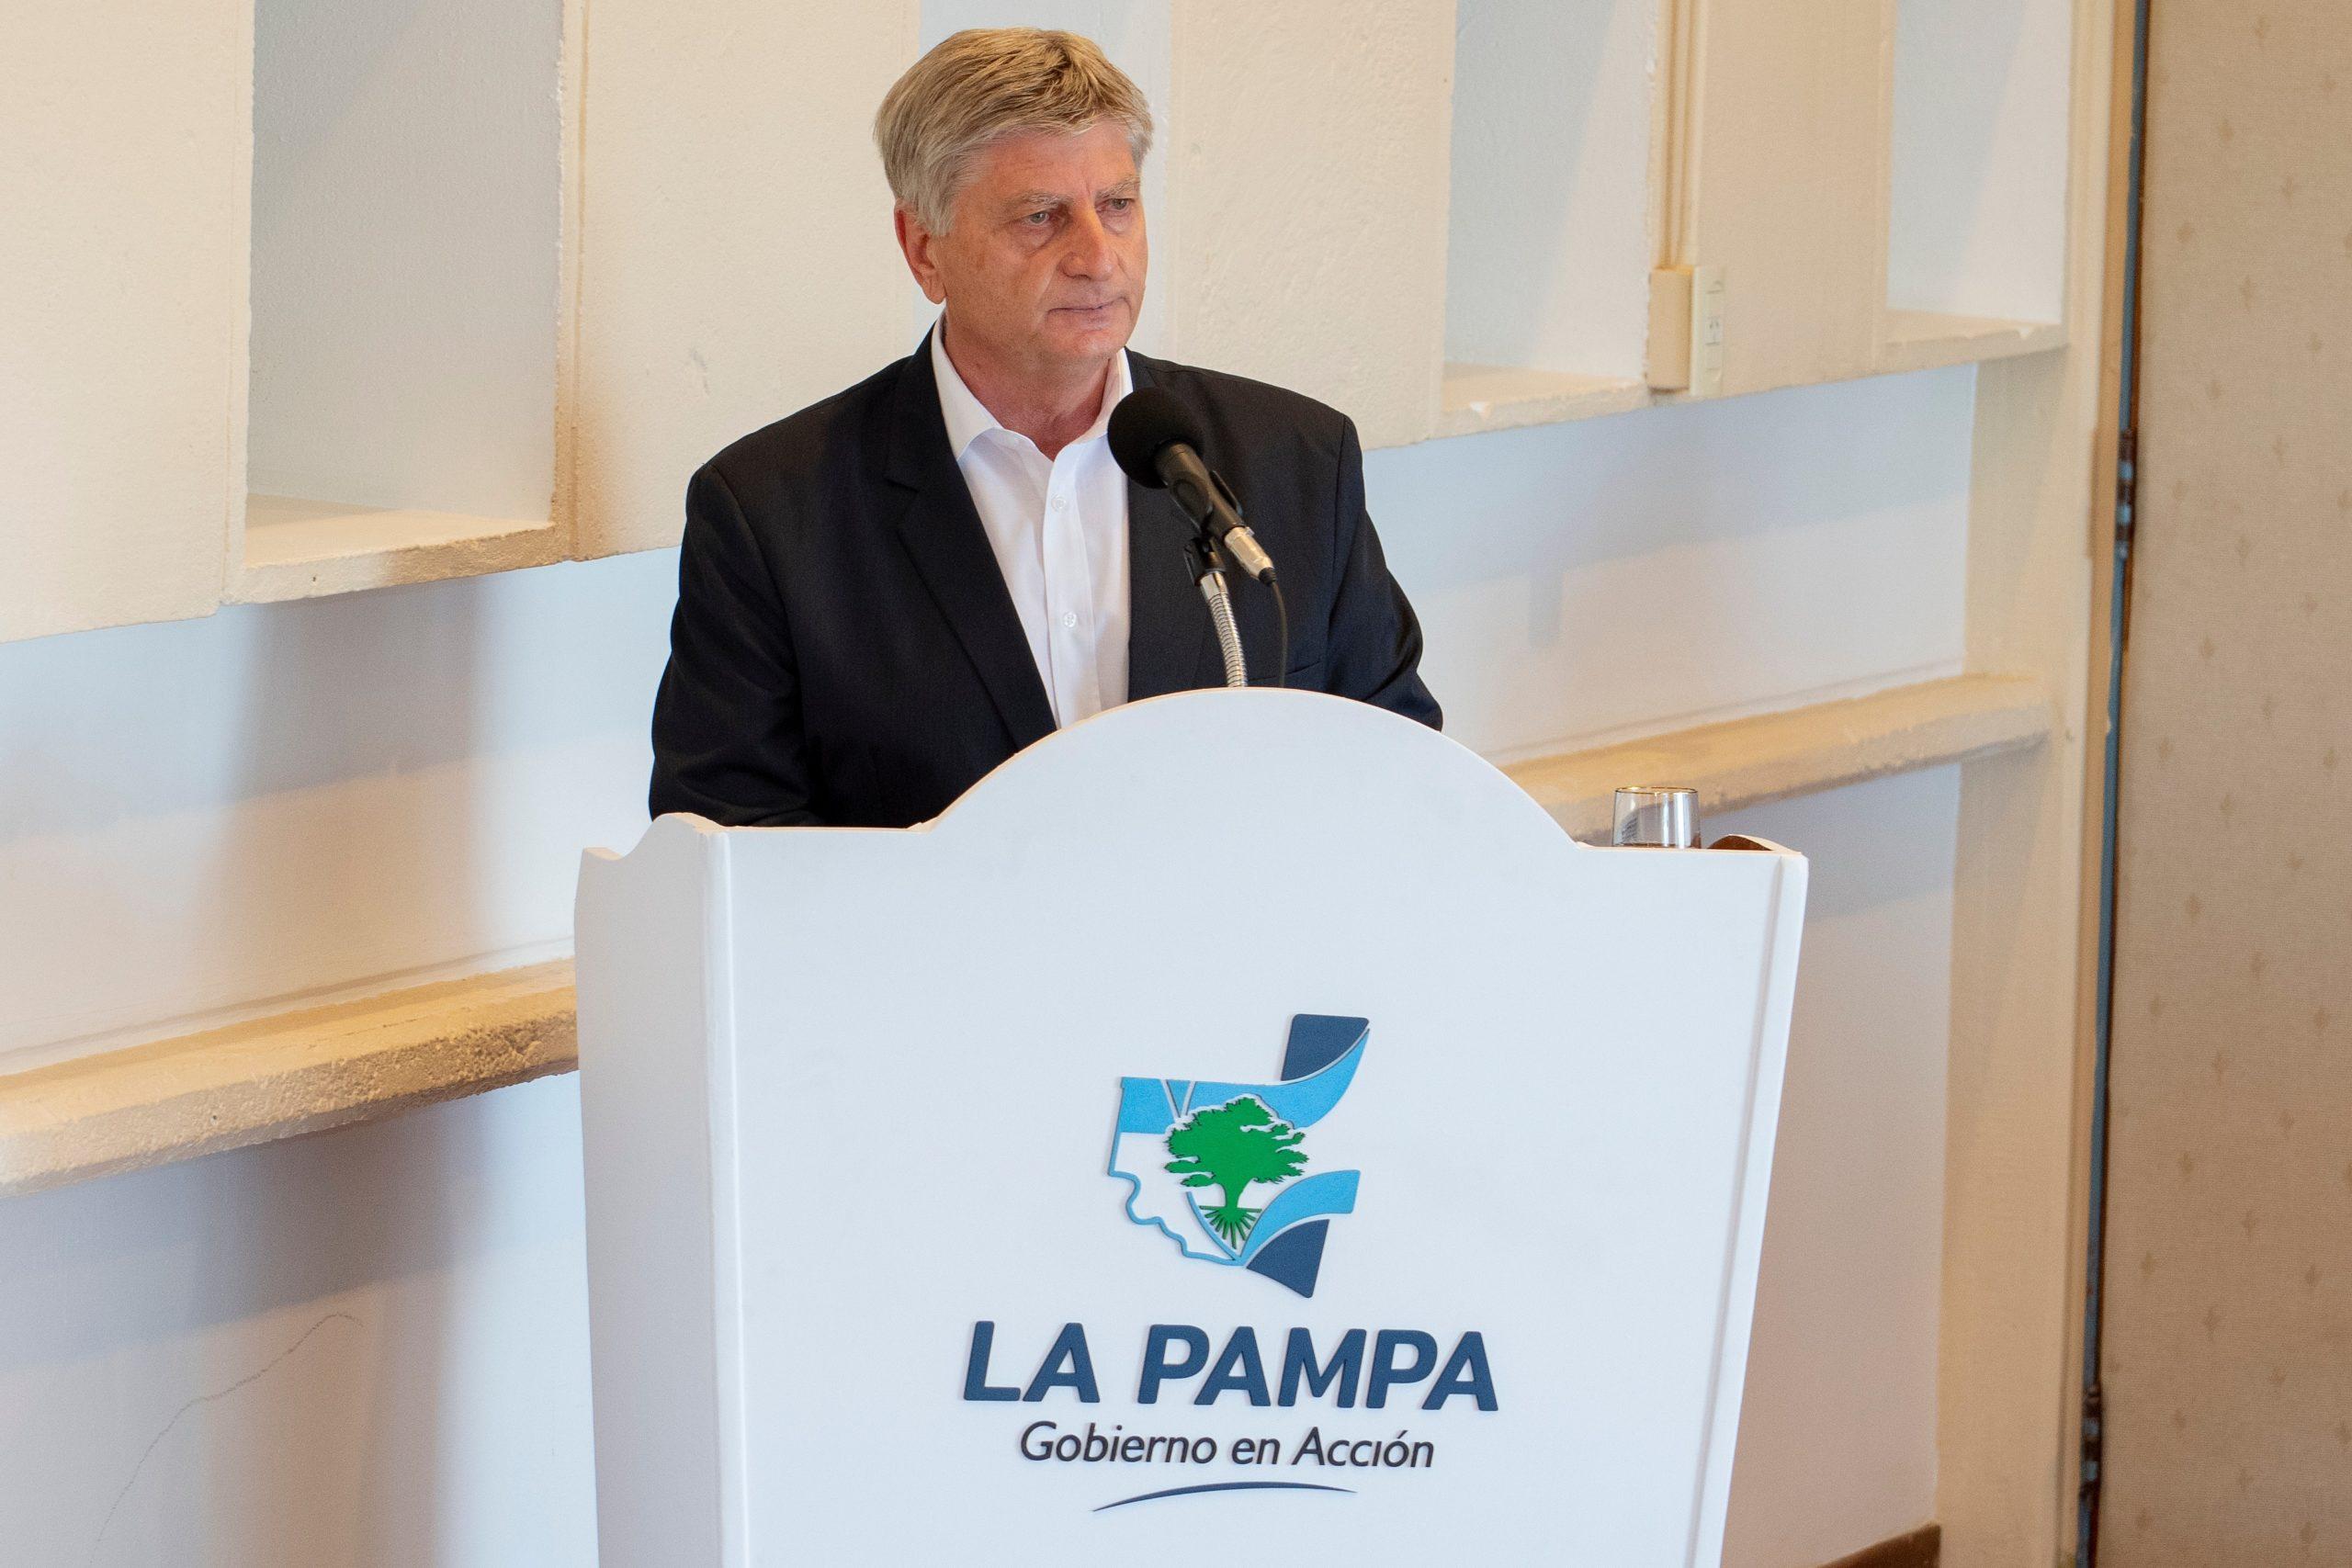 El gobernador Sergio Ziliotto llegará mañana a General Pico para firmar convenios y contrato de obras